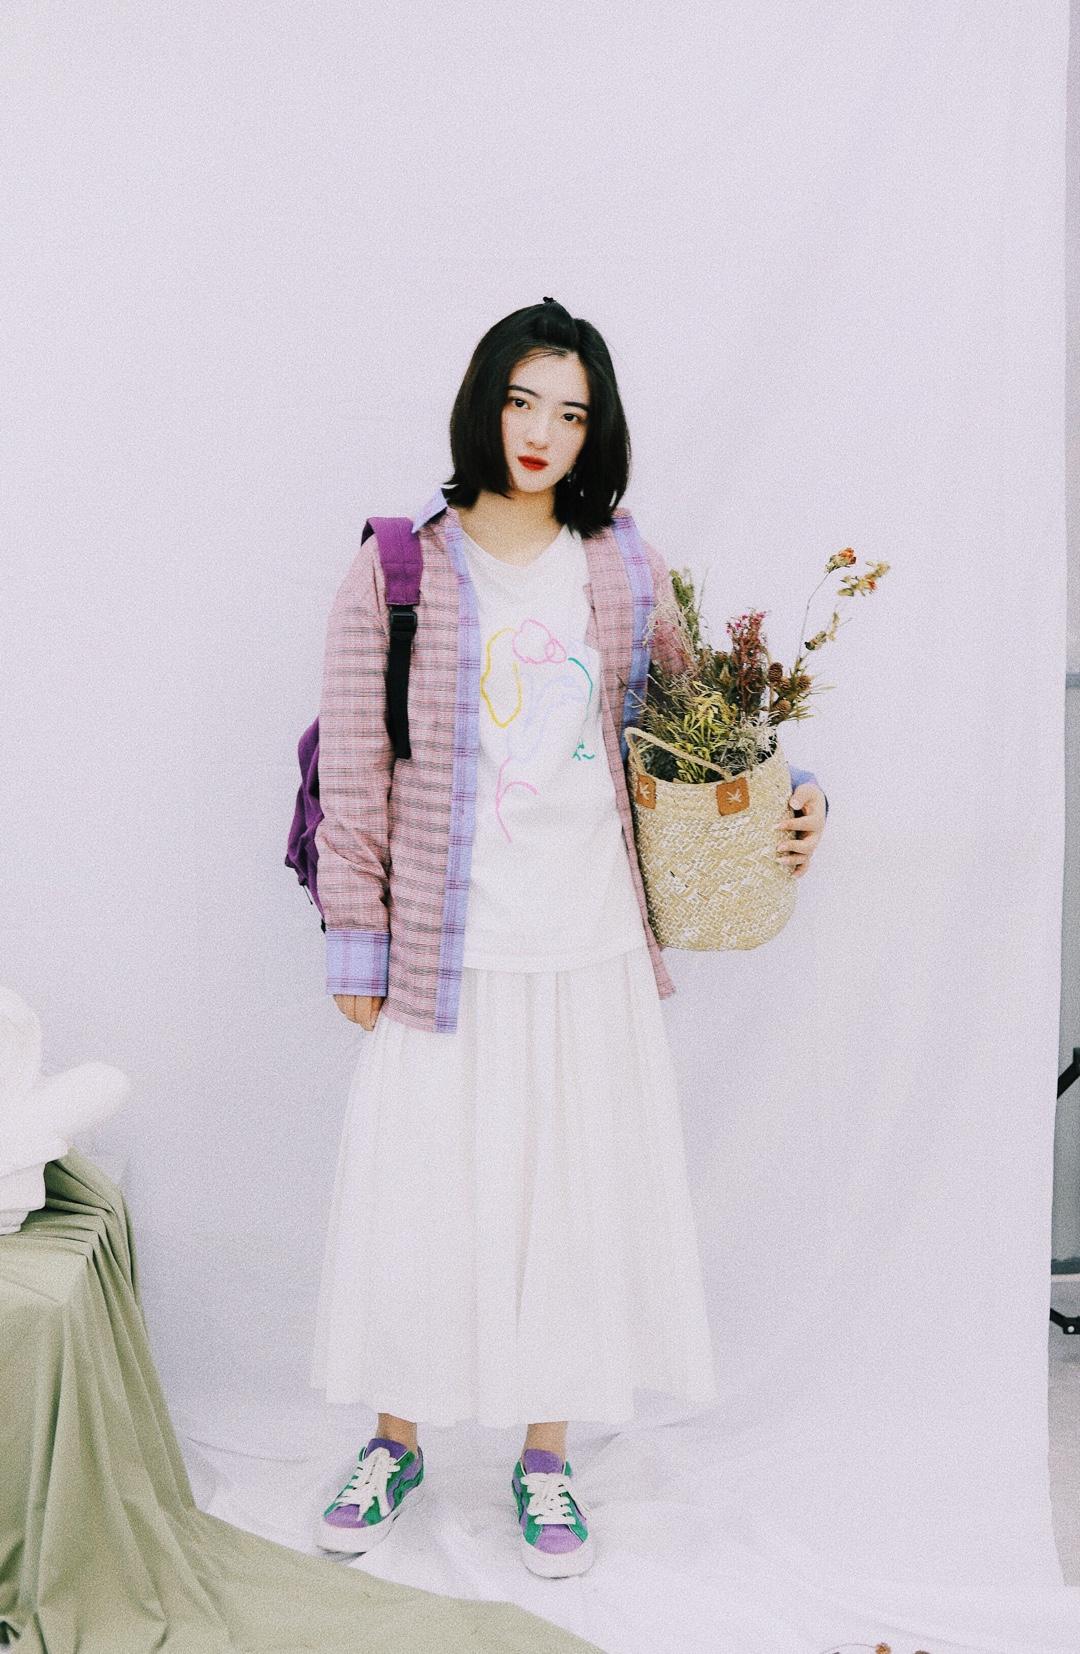 上身是一件白色短袖内搭 搭配一件紫色格子衬衫薄外套 下身是一条白色半身裙 搭配一双紫色帆布鞋 背上一个紫色的包包 这样一身就很适合初秋穿啦 #换季吸睛:薄外套上线#